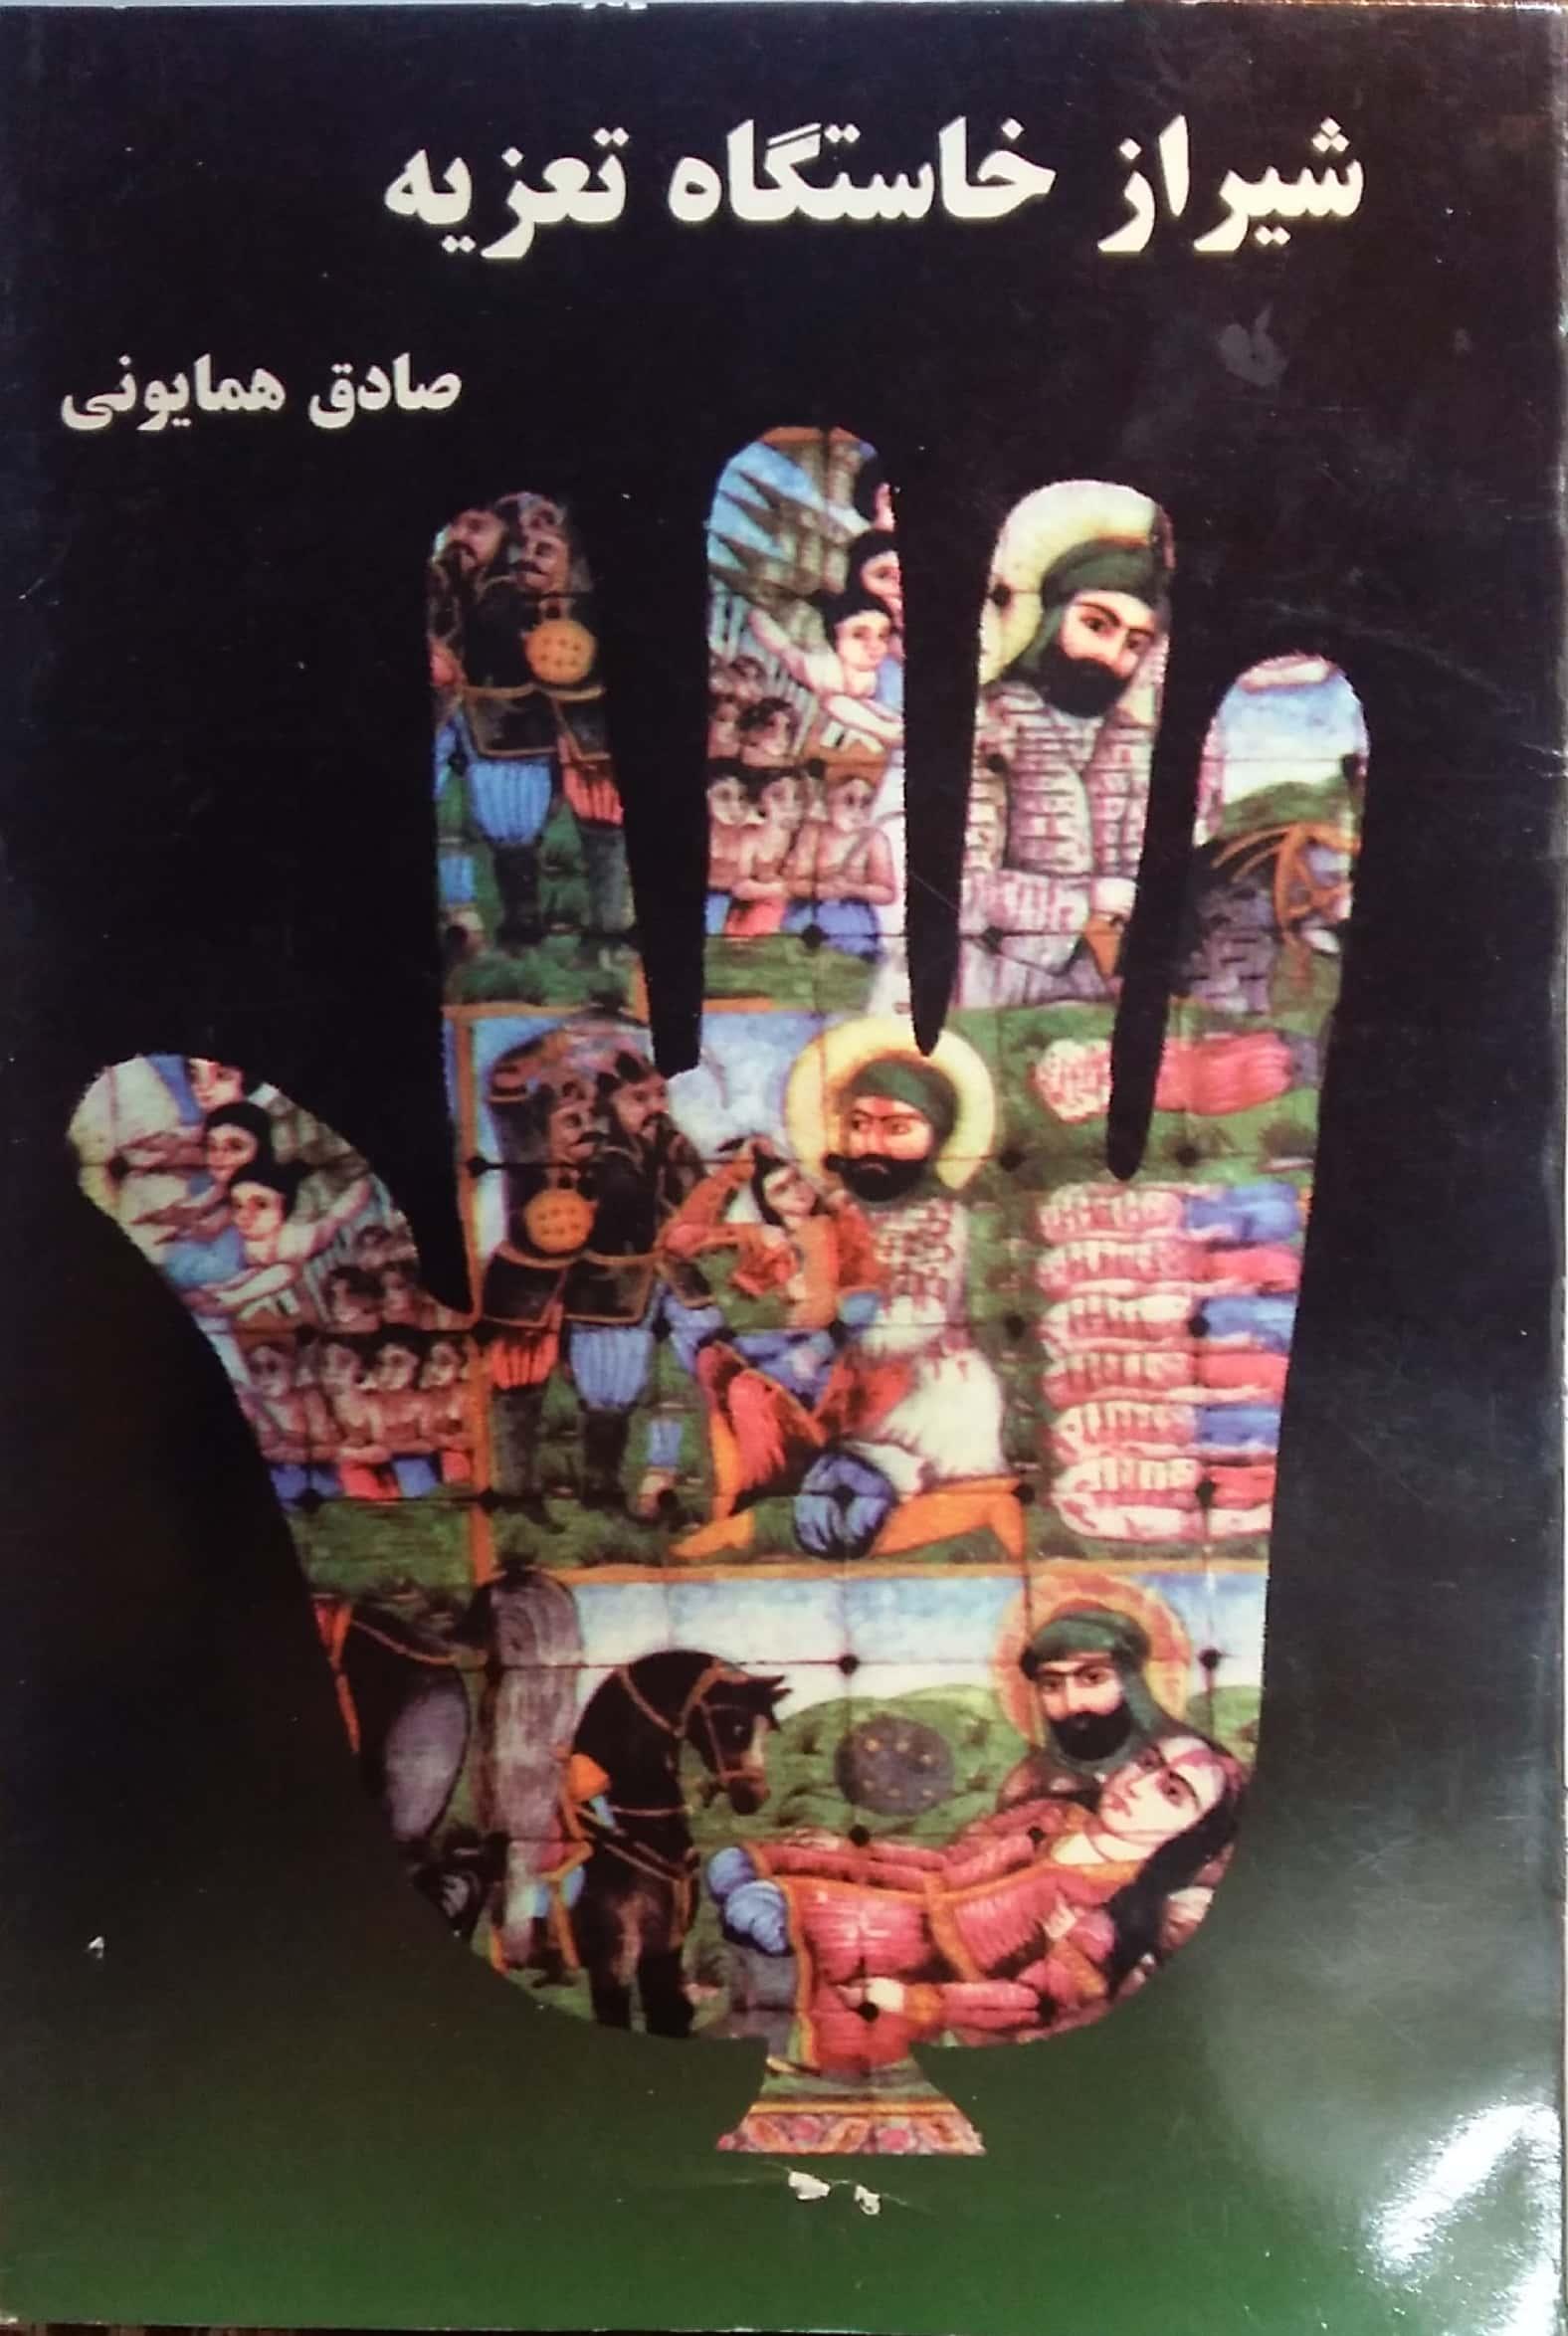 بنياد فارس شناسي شیراز خواستگاه تعزیه (اثر صادق همایونی)